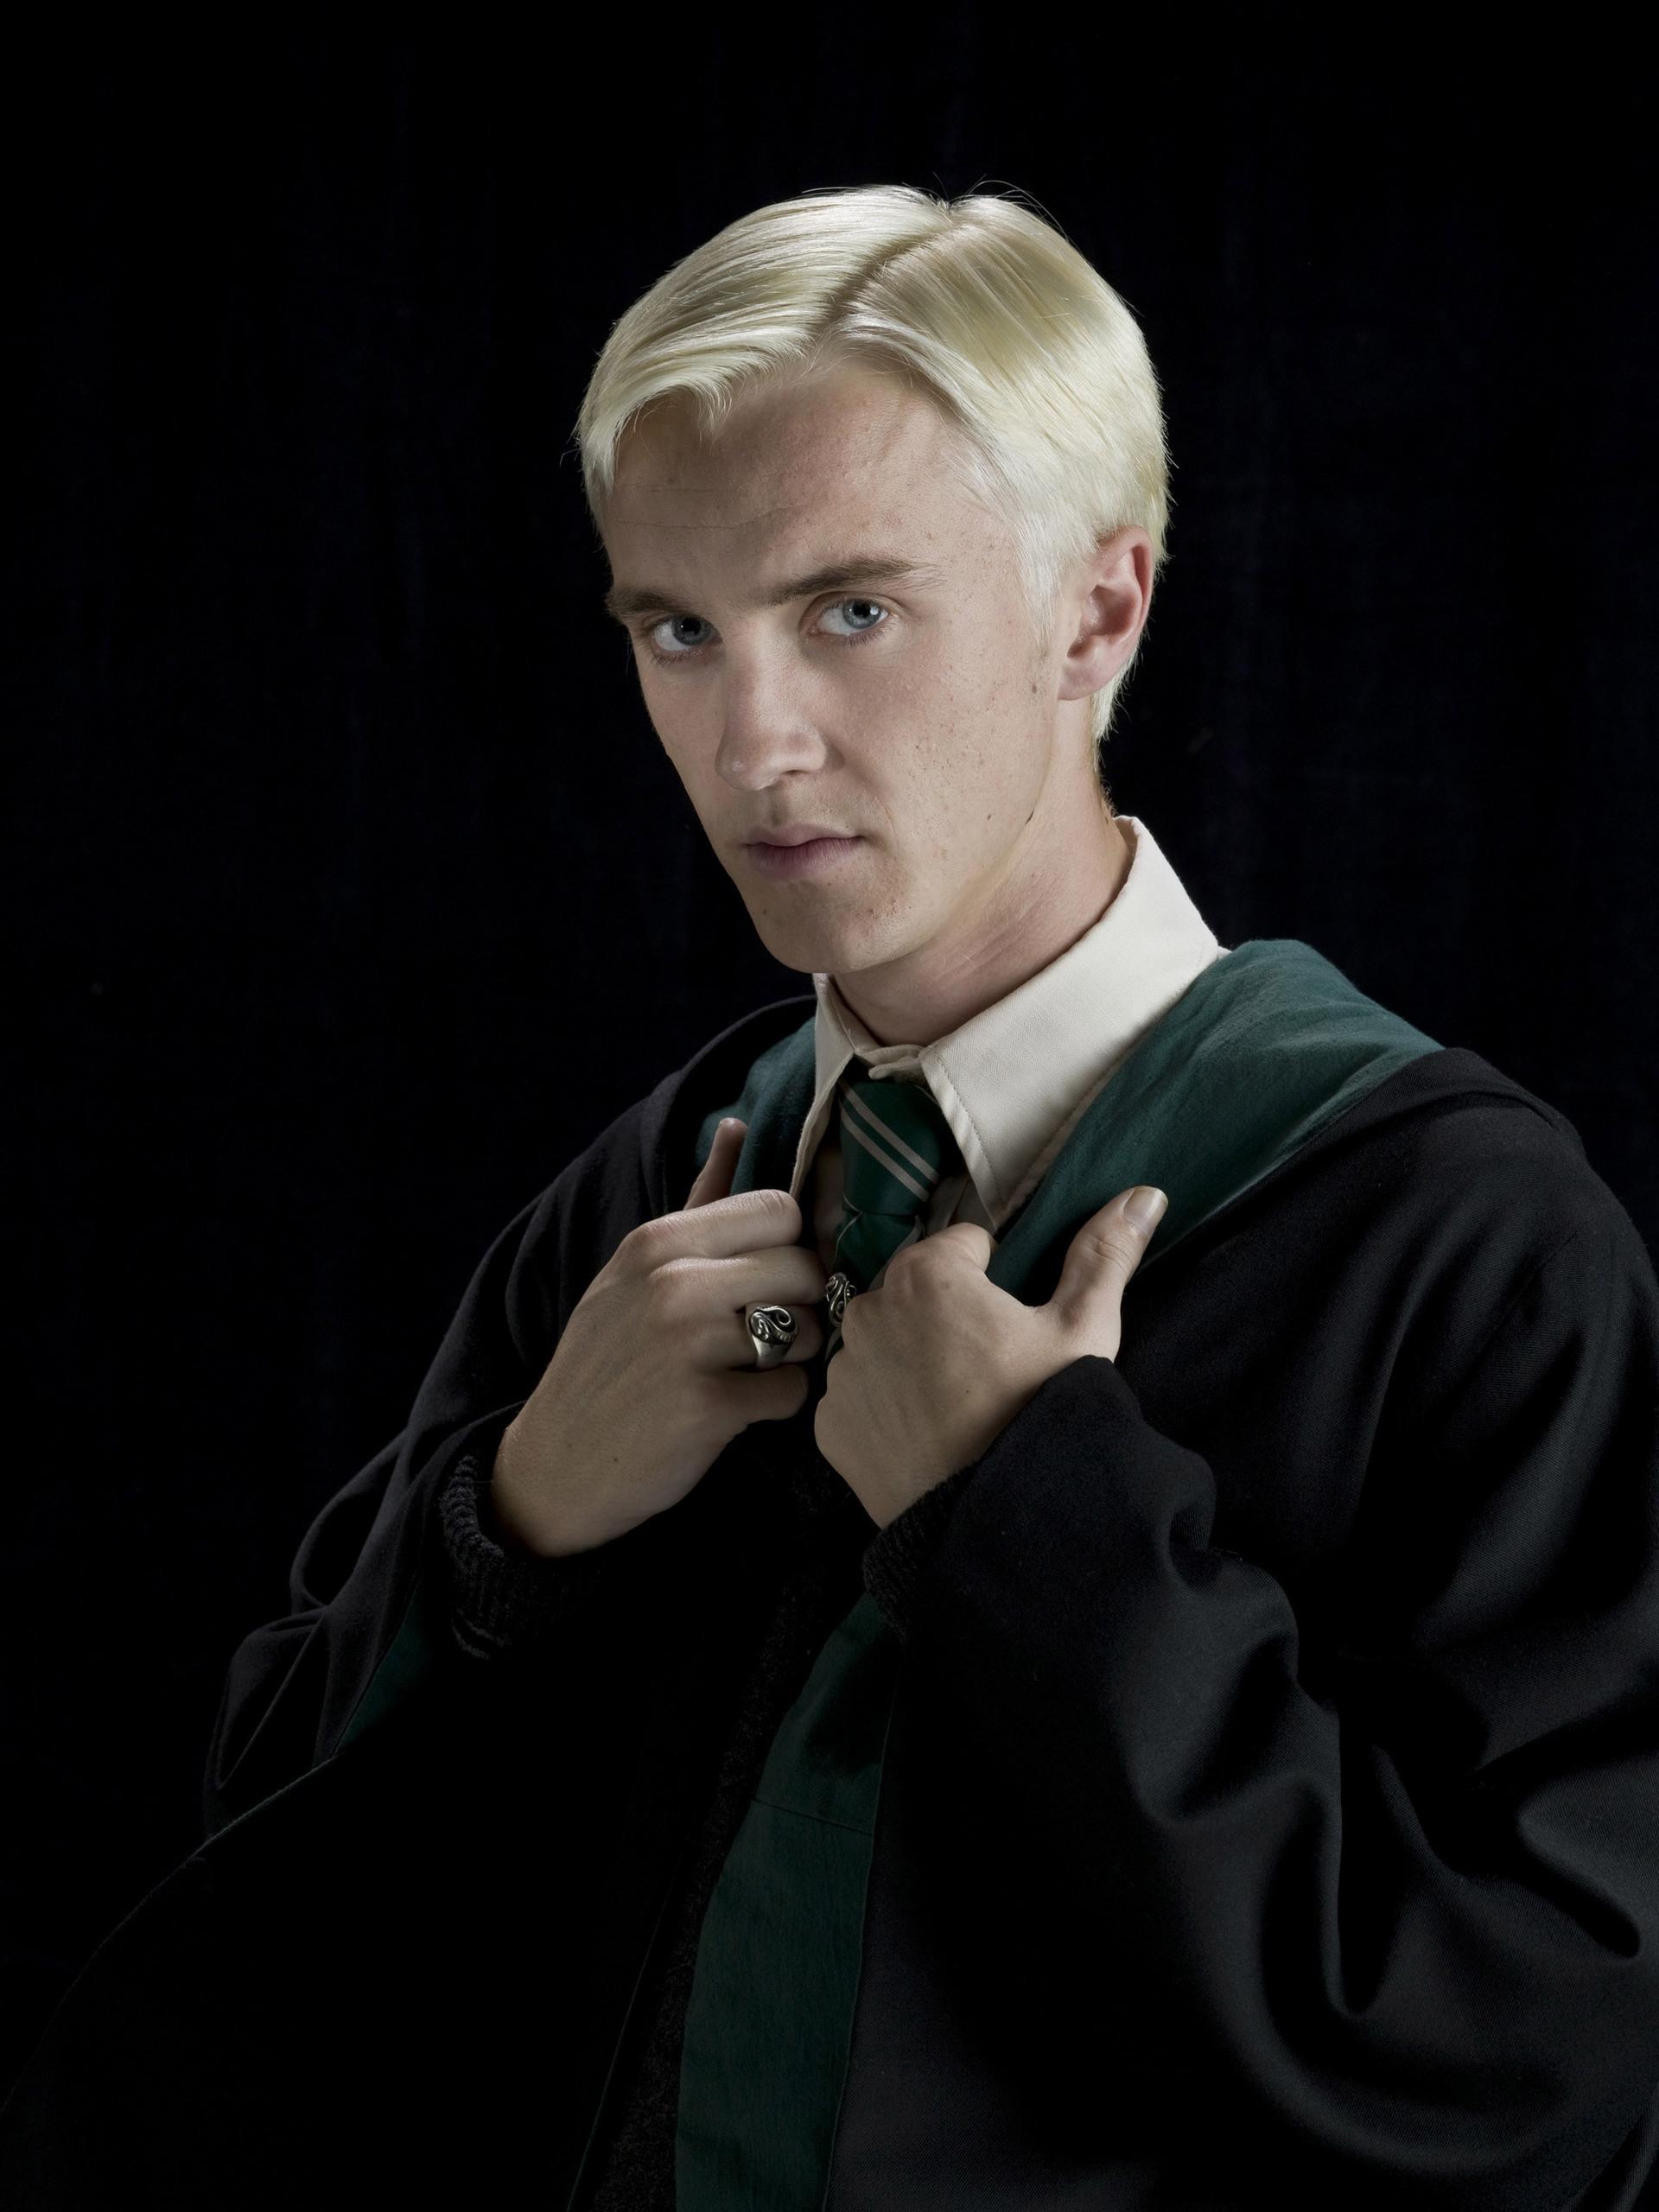 Draco Malfoy Villains Wiki Fandom Powered By Wikia